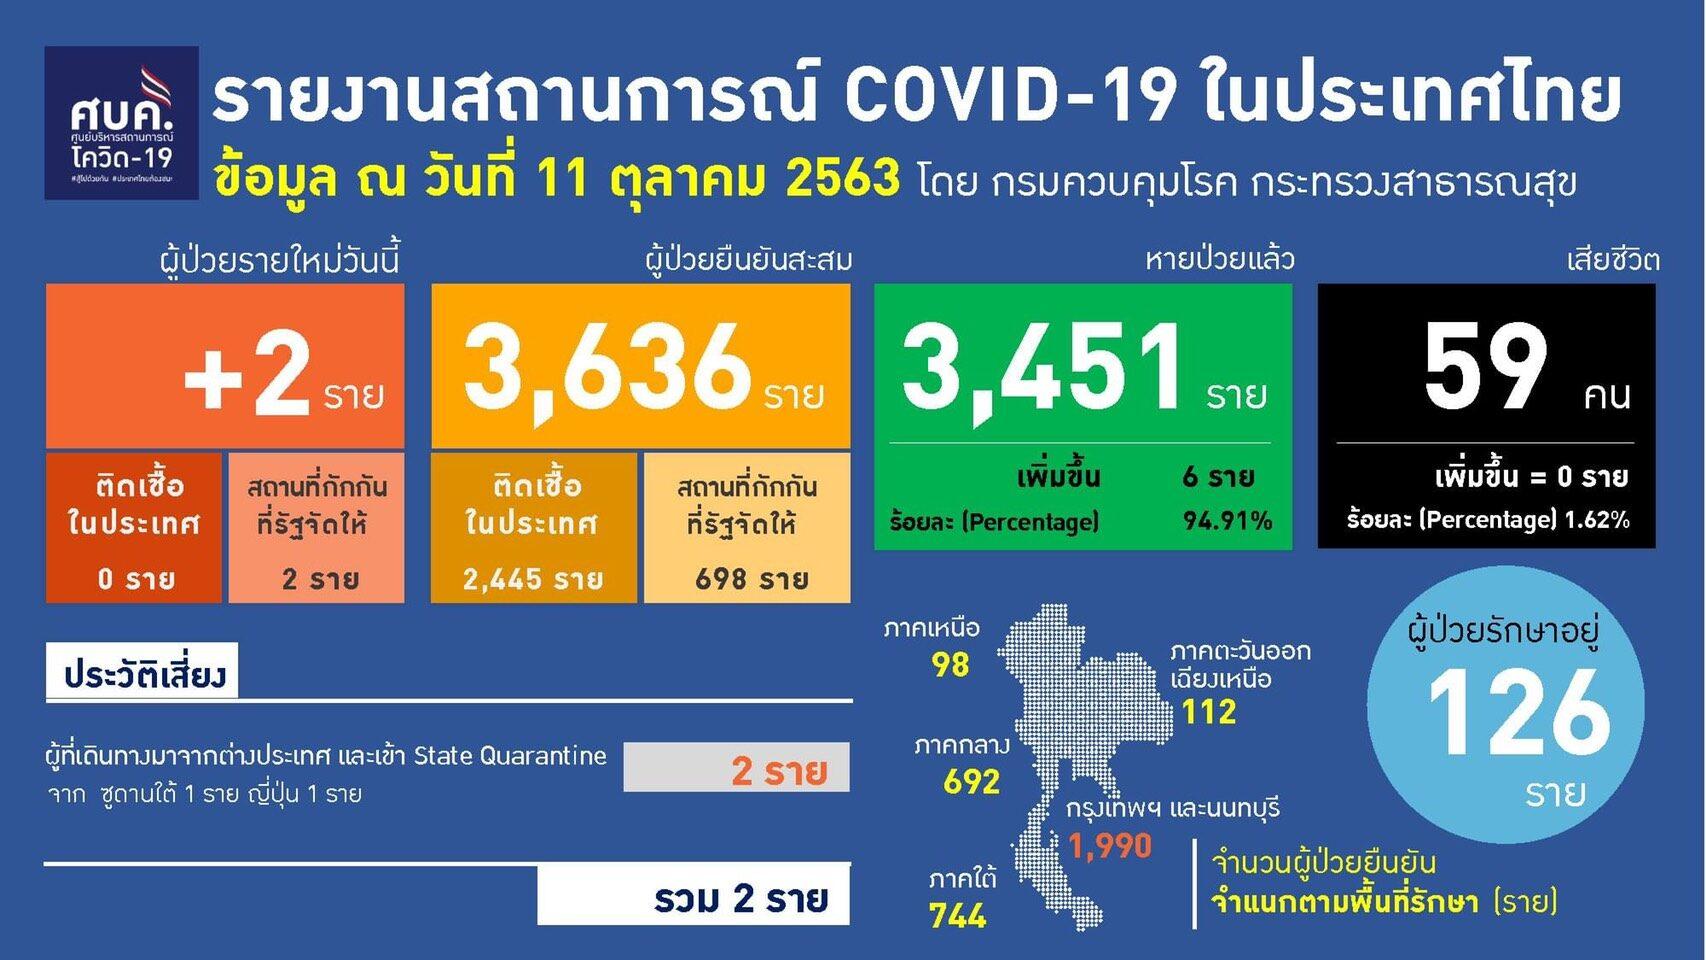 ไทยพบป่วยโควิด-19 อีก 2 ราย กักตัวครบ 17 วัน เพิ่งตรวจเจอเชื้อ